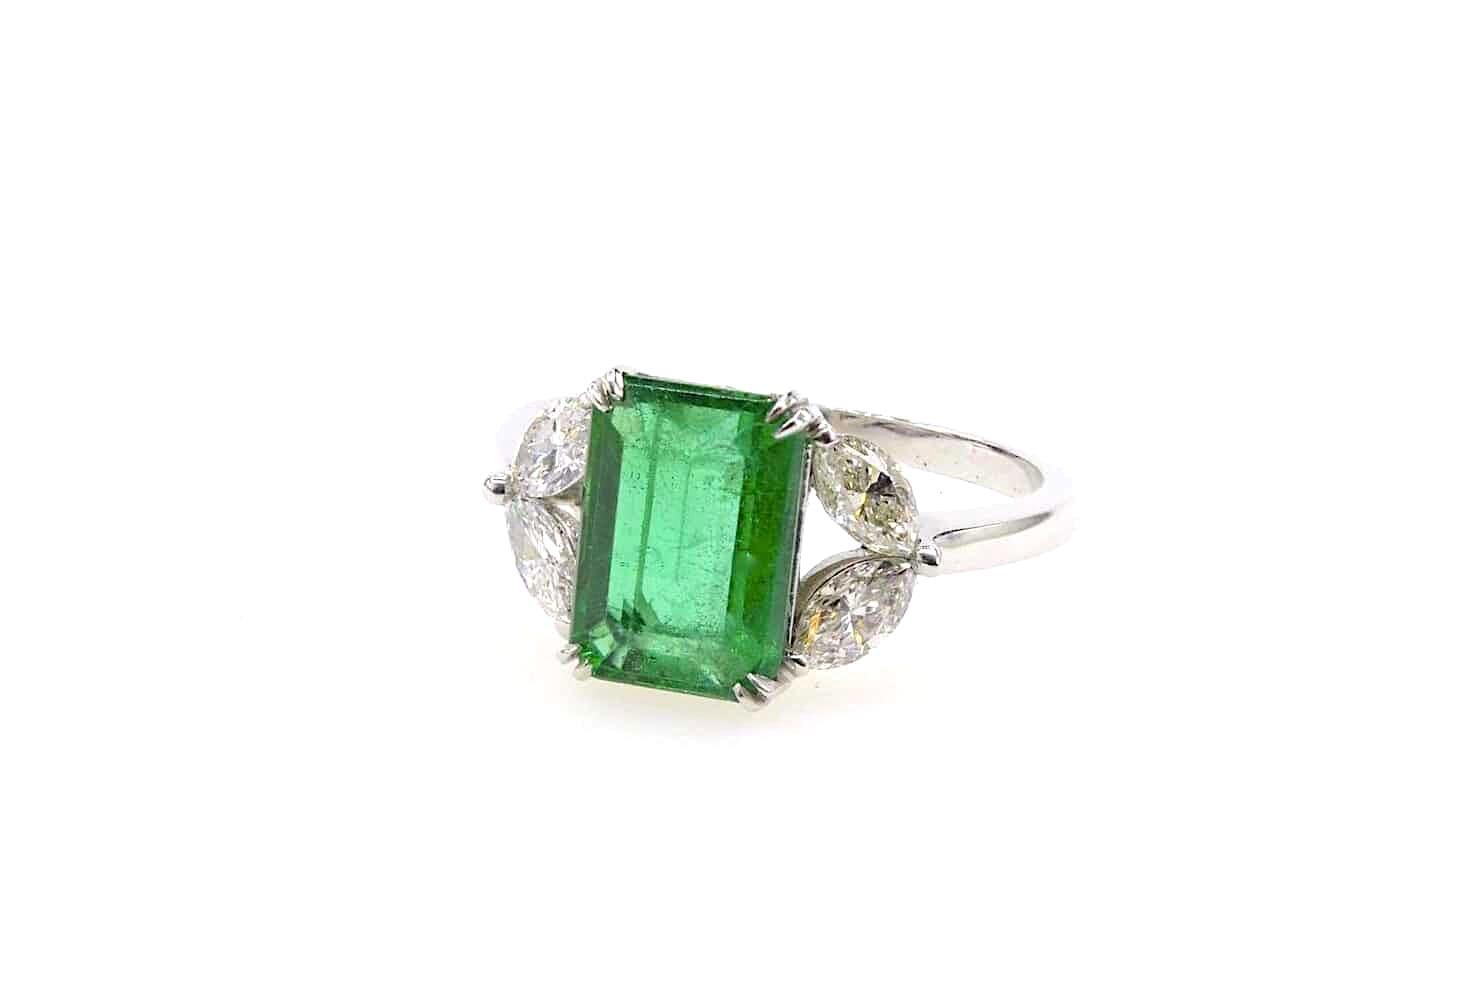 bague émeraude et diamants navettes en platine